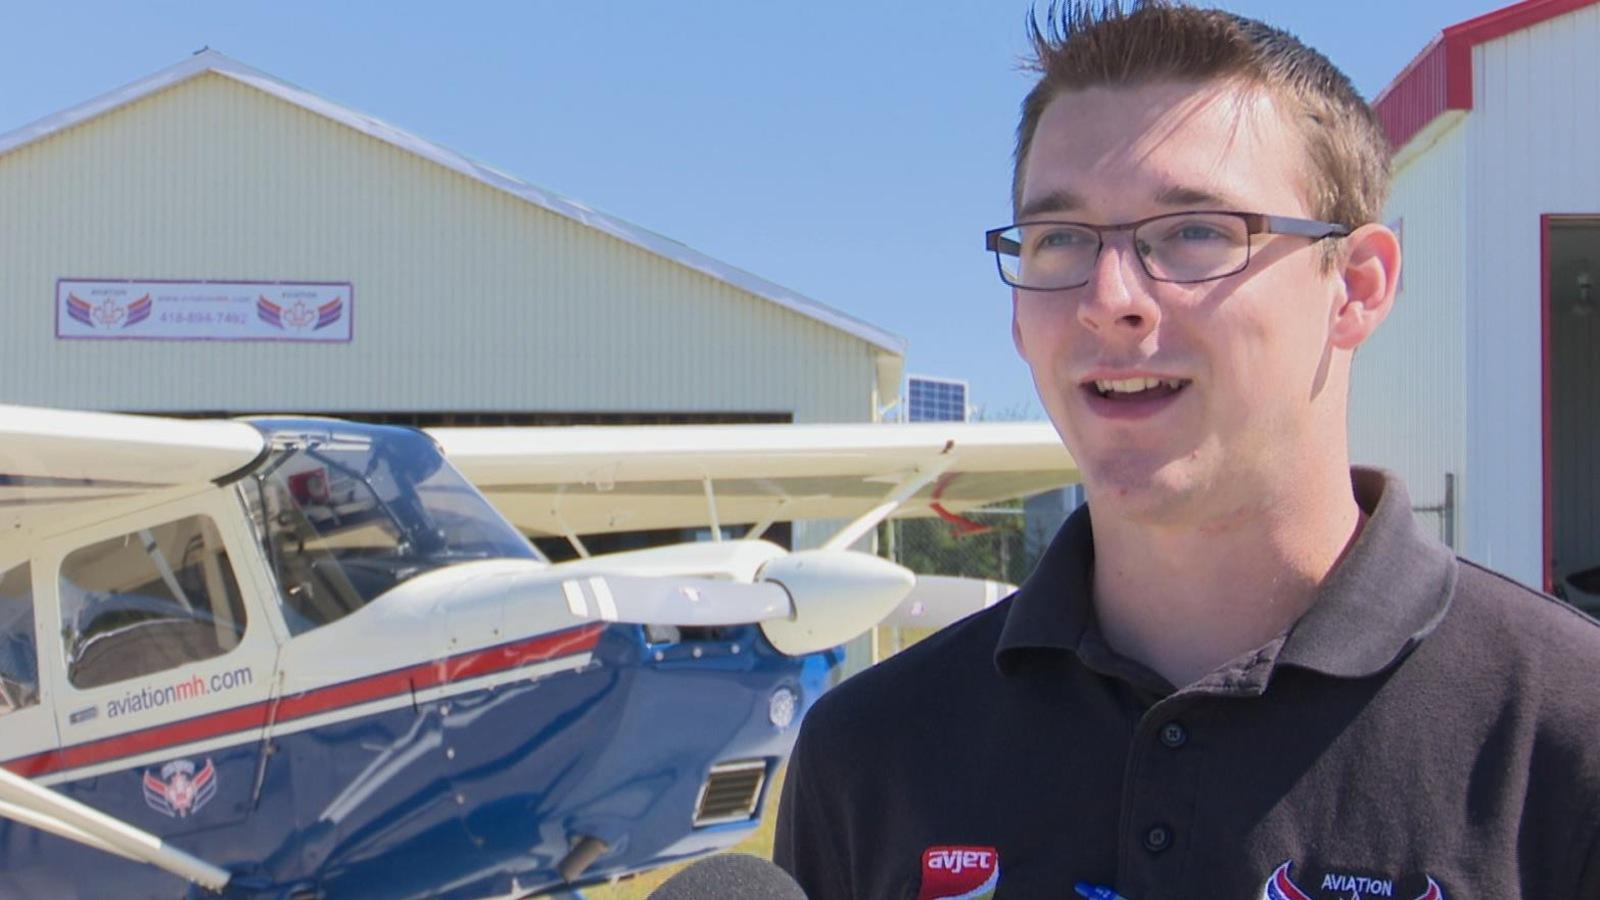 Simon Cormier, entraîneur de vol pour Aviation MH, témoigne des progrès de son élève.